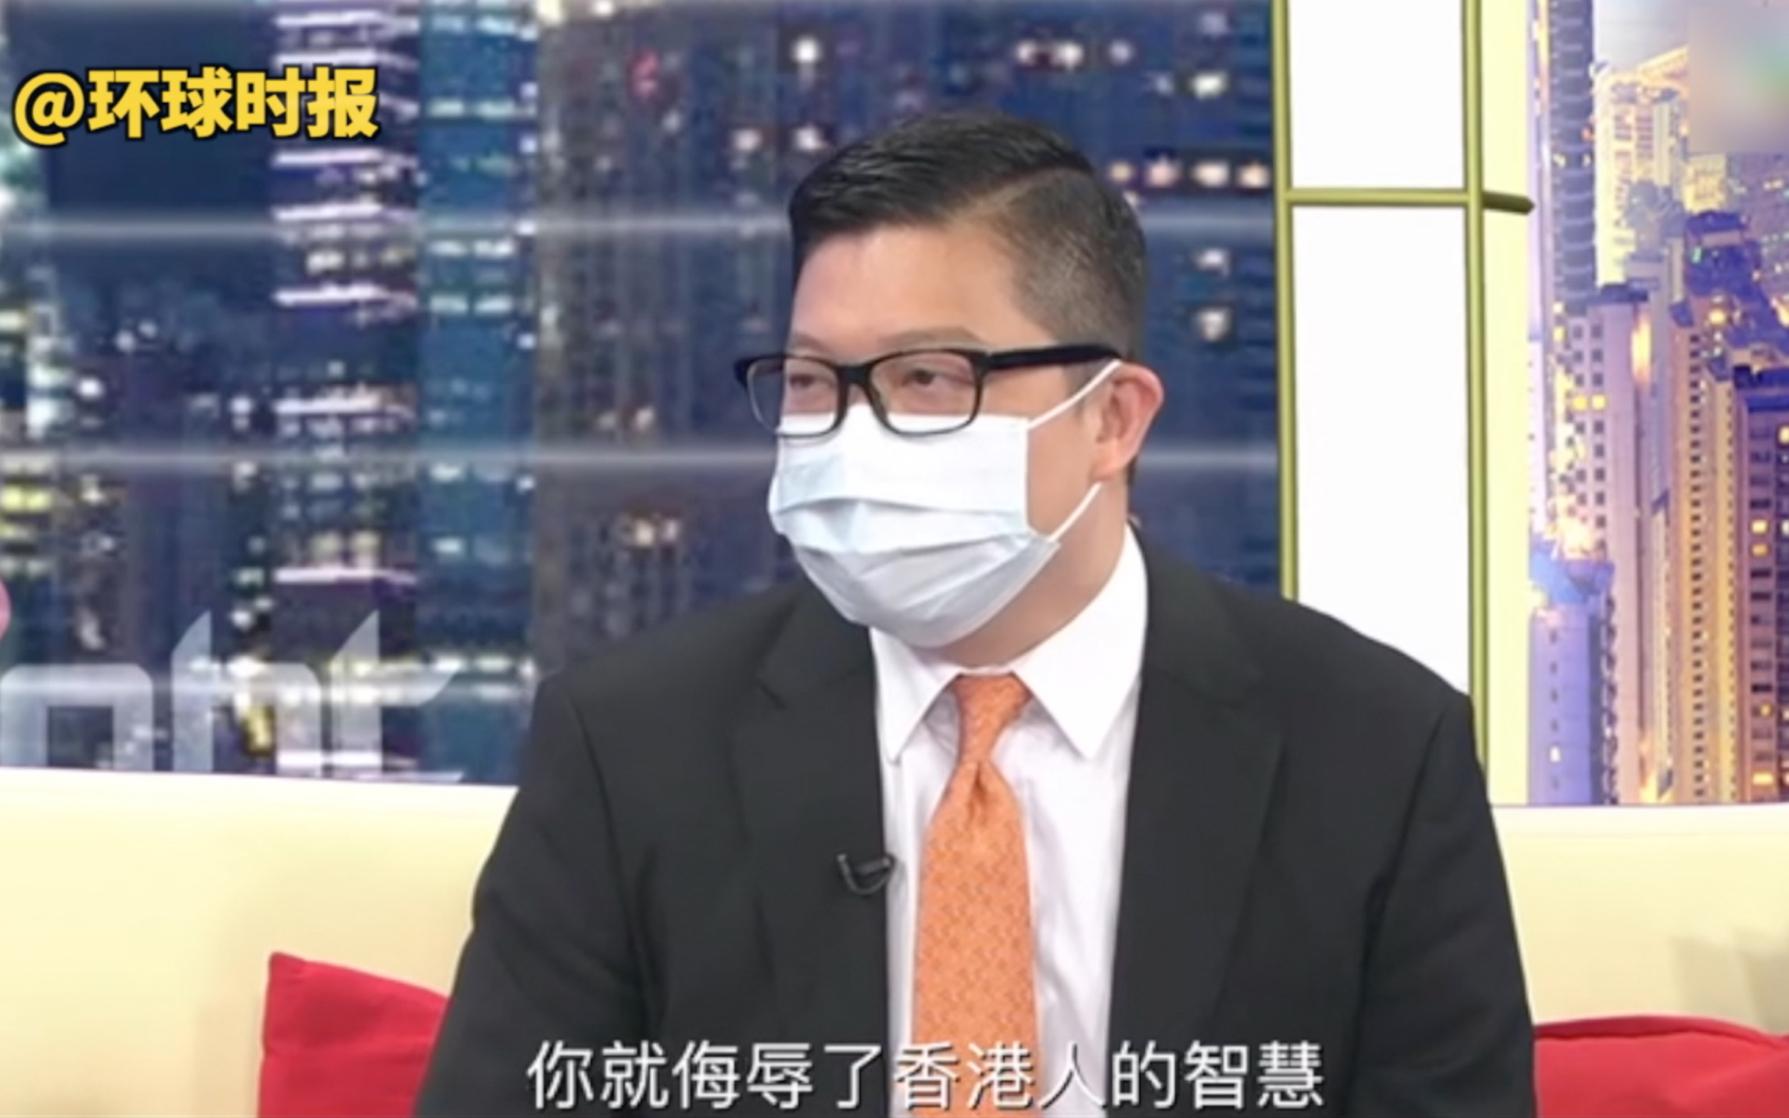 """港警""""一哥"""":如果说香港没有外国势力干预,就是在侮辱香港人智慧"""